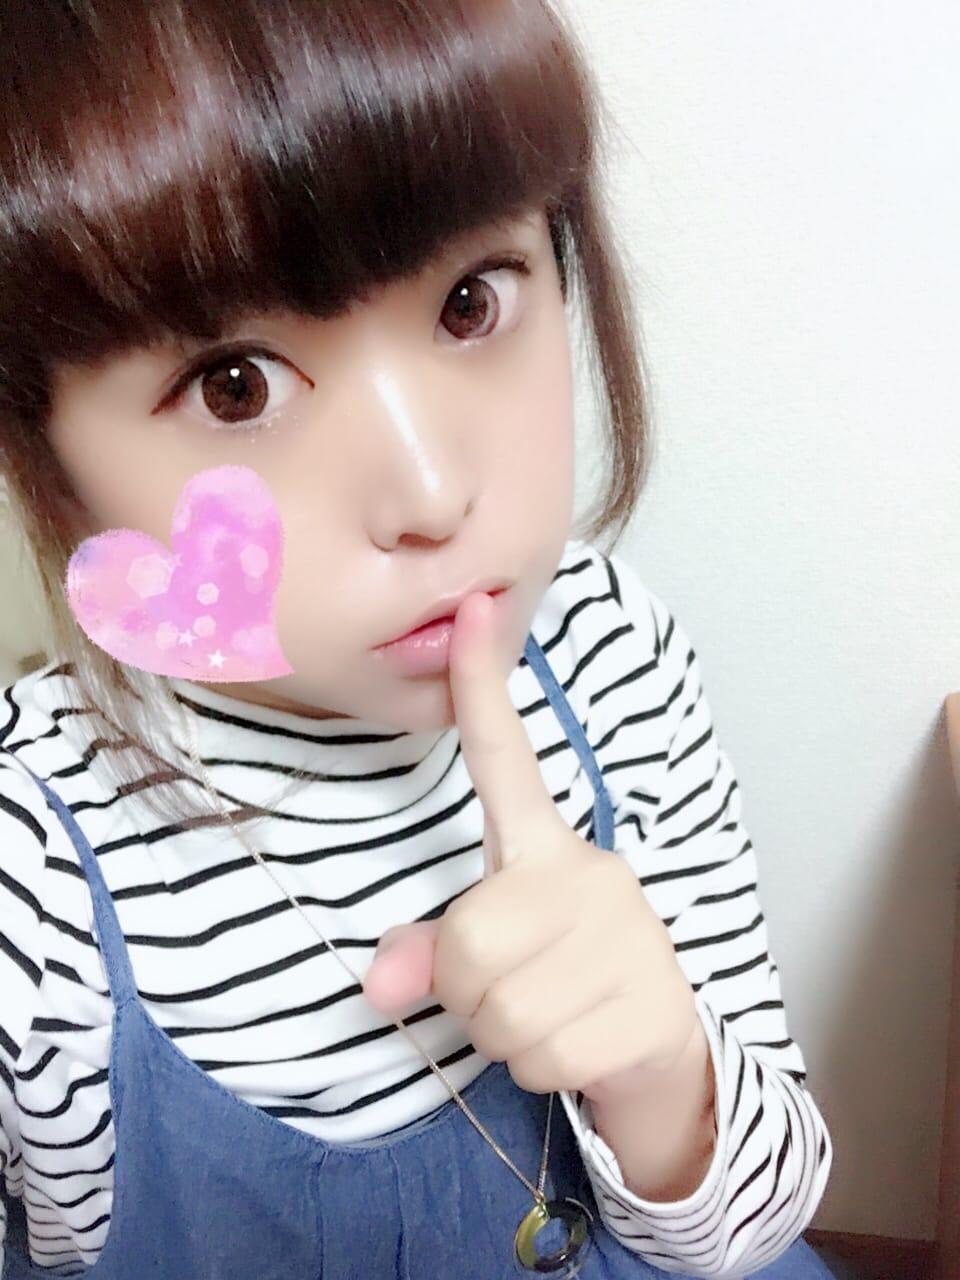 「?向かいます?」09/20(水) 23:11 | 新人☆ことり姫☆の写メ・風俗動画